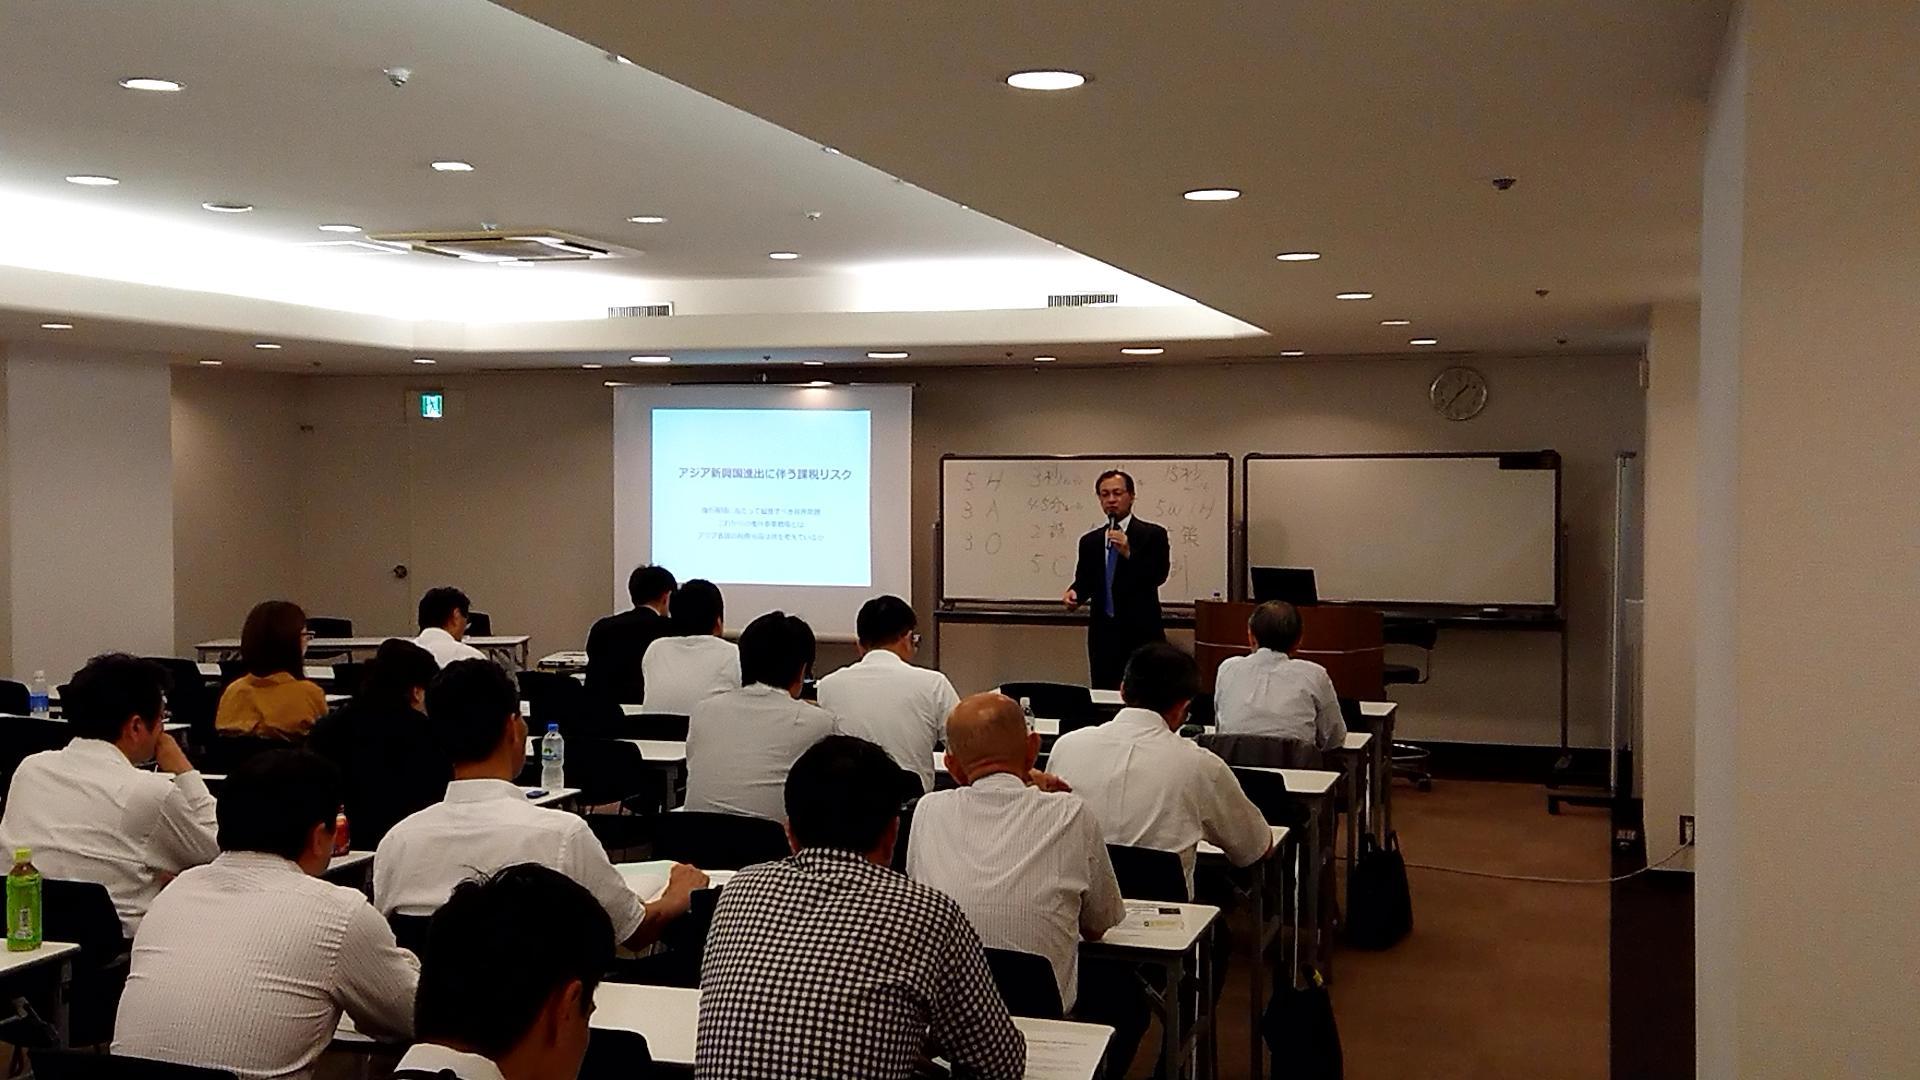 九州経済連・福岡貿易会・福岡県の後援で海外ビジネスセミナーを開催